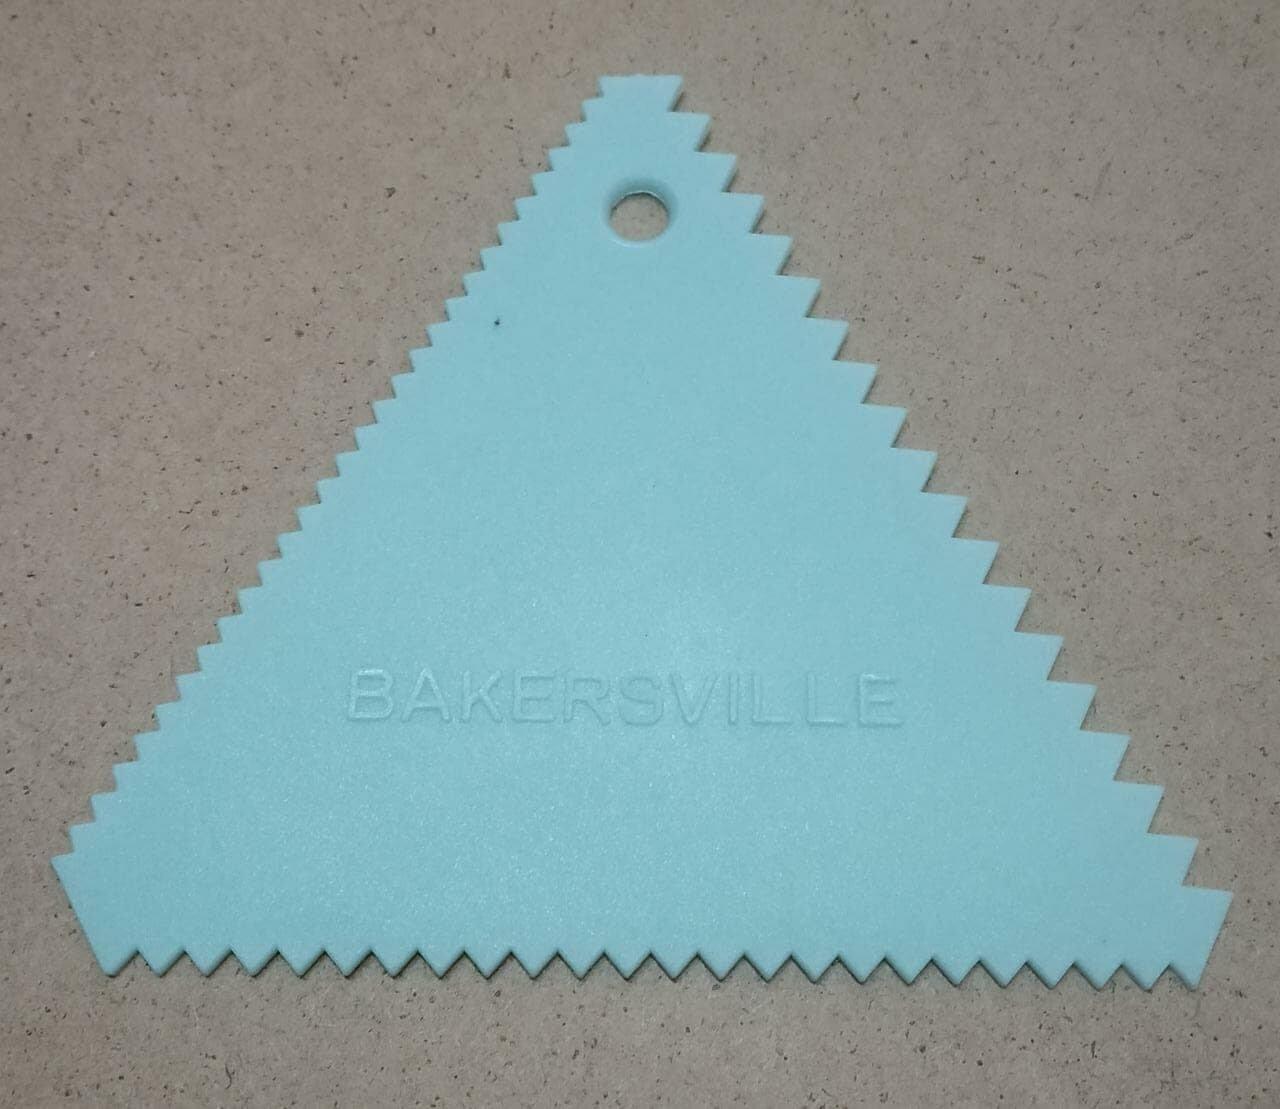 Finedecor Triangle Comb Scraper Fd2232 Cake Decoration Tools